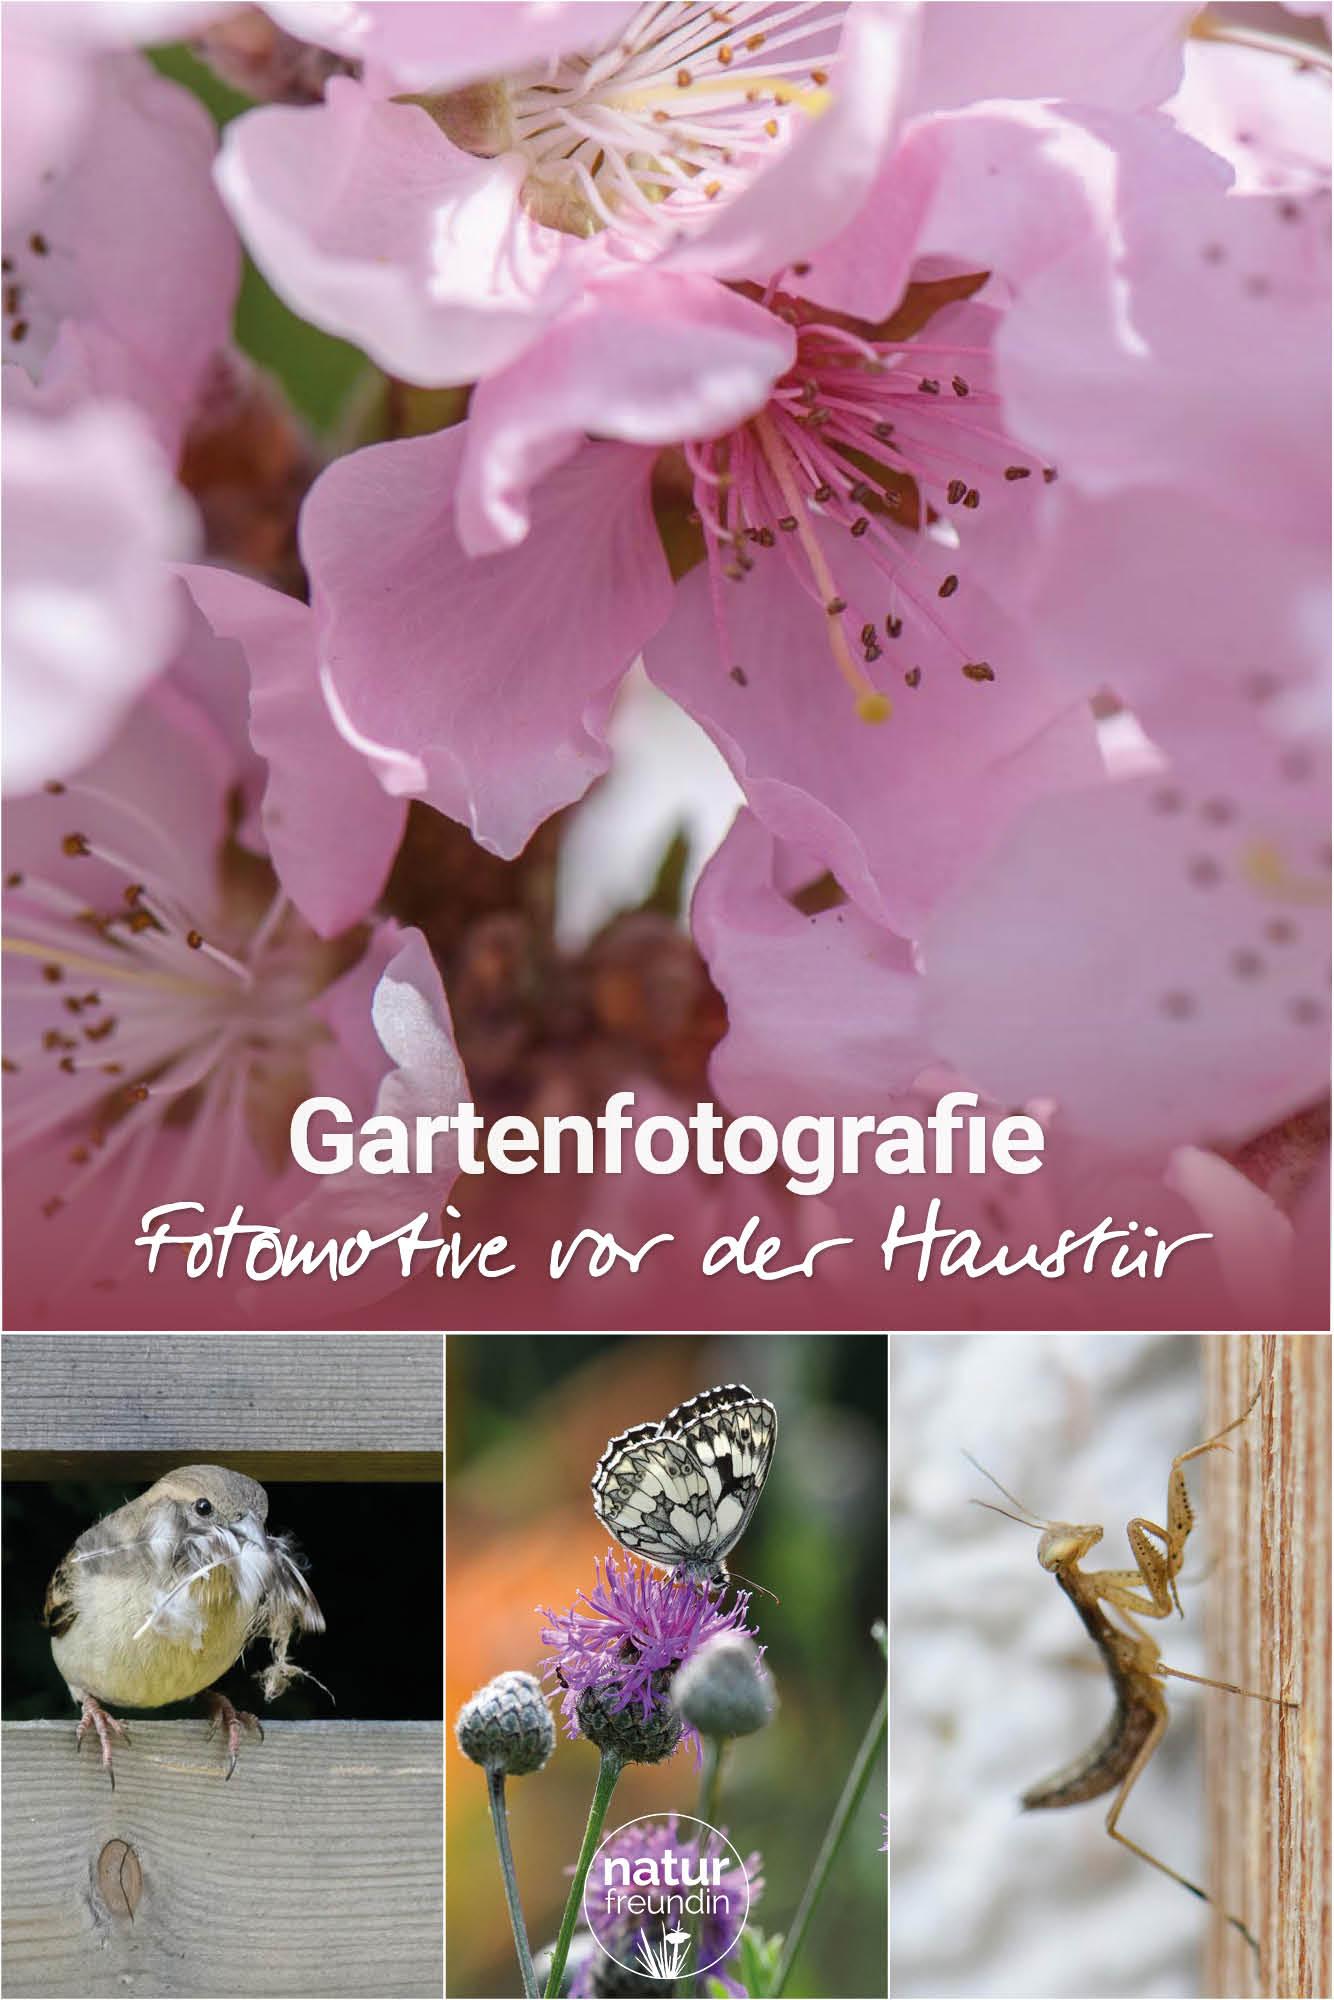 Gartenfotografie - Fotomotive vor der Haustür